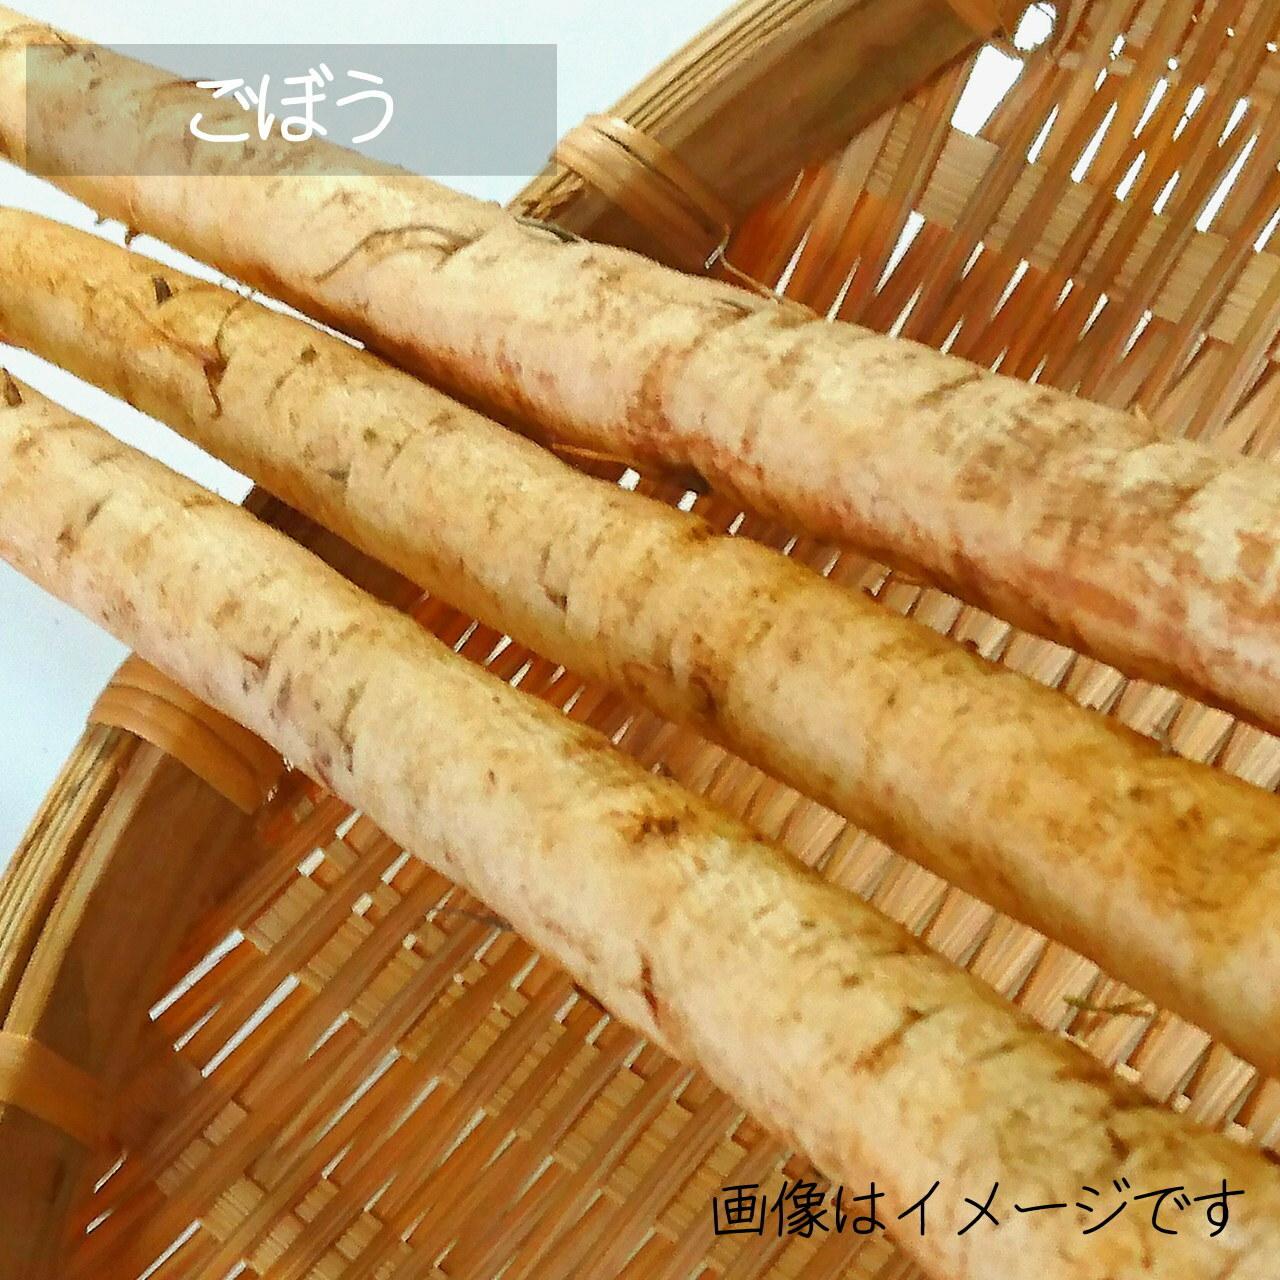 9月の朝採り直売野菜 : ゴボウ 1~3本 新鮮な秋野菜 9月26日発送予定